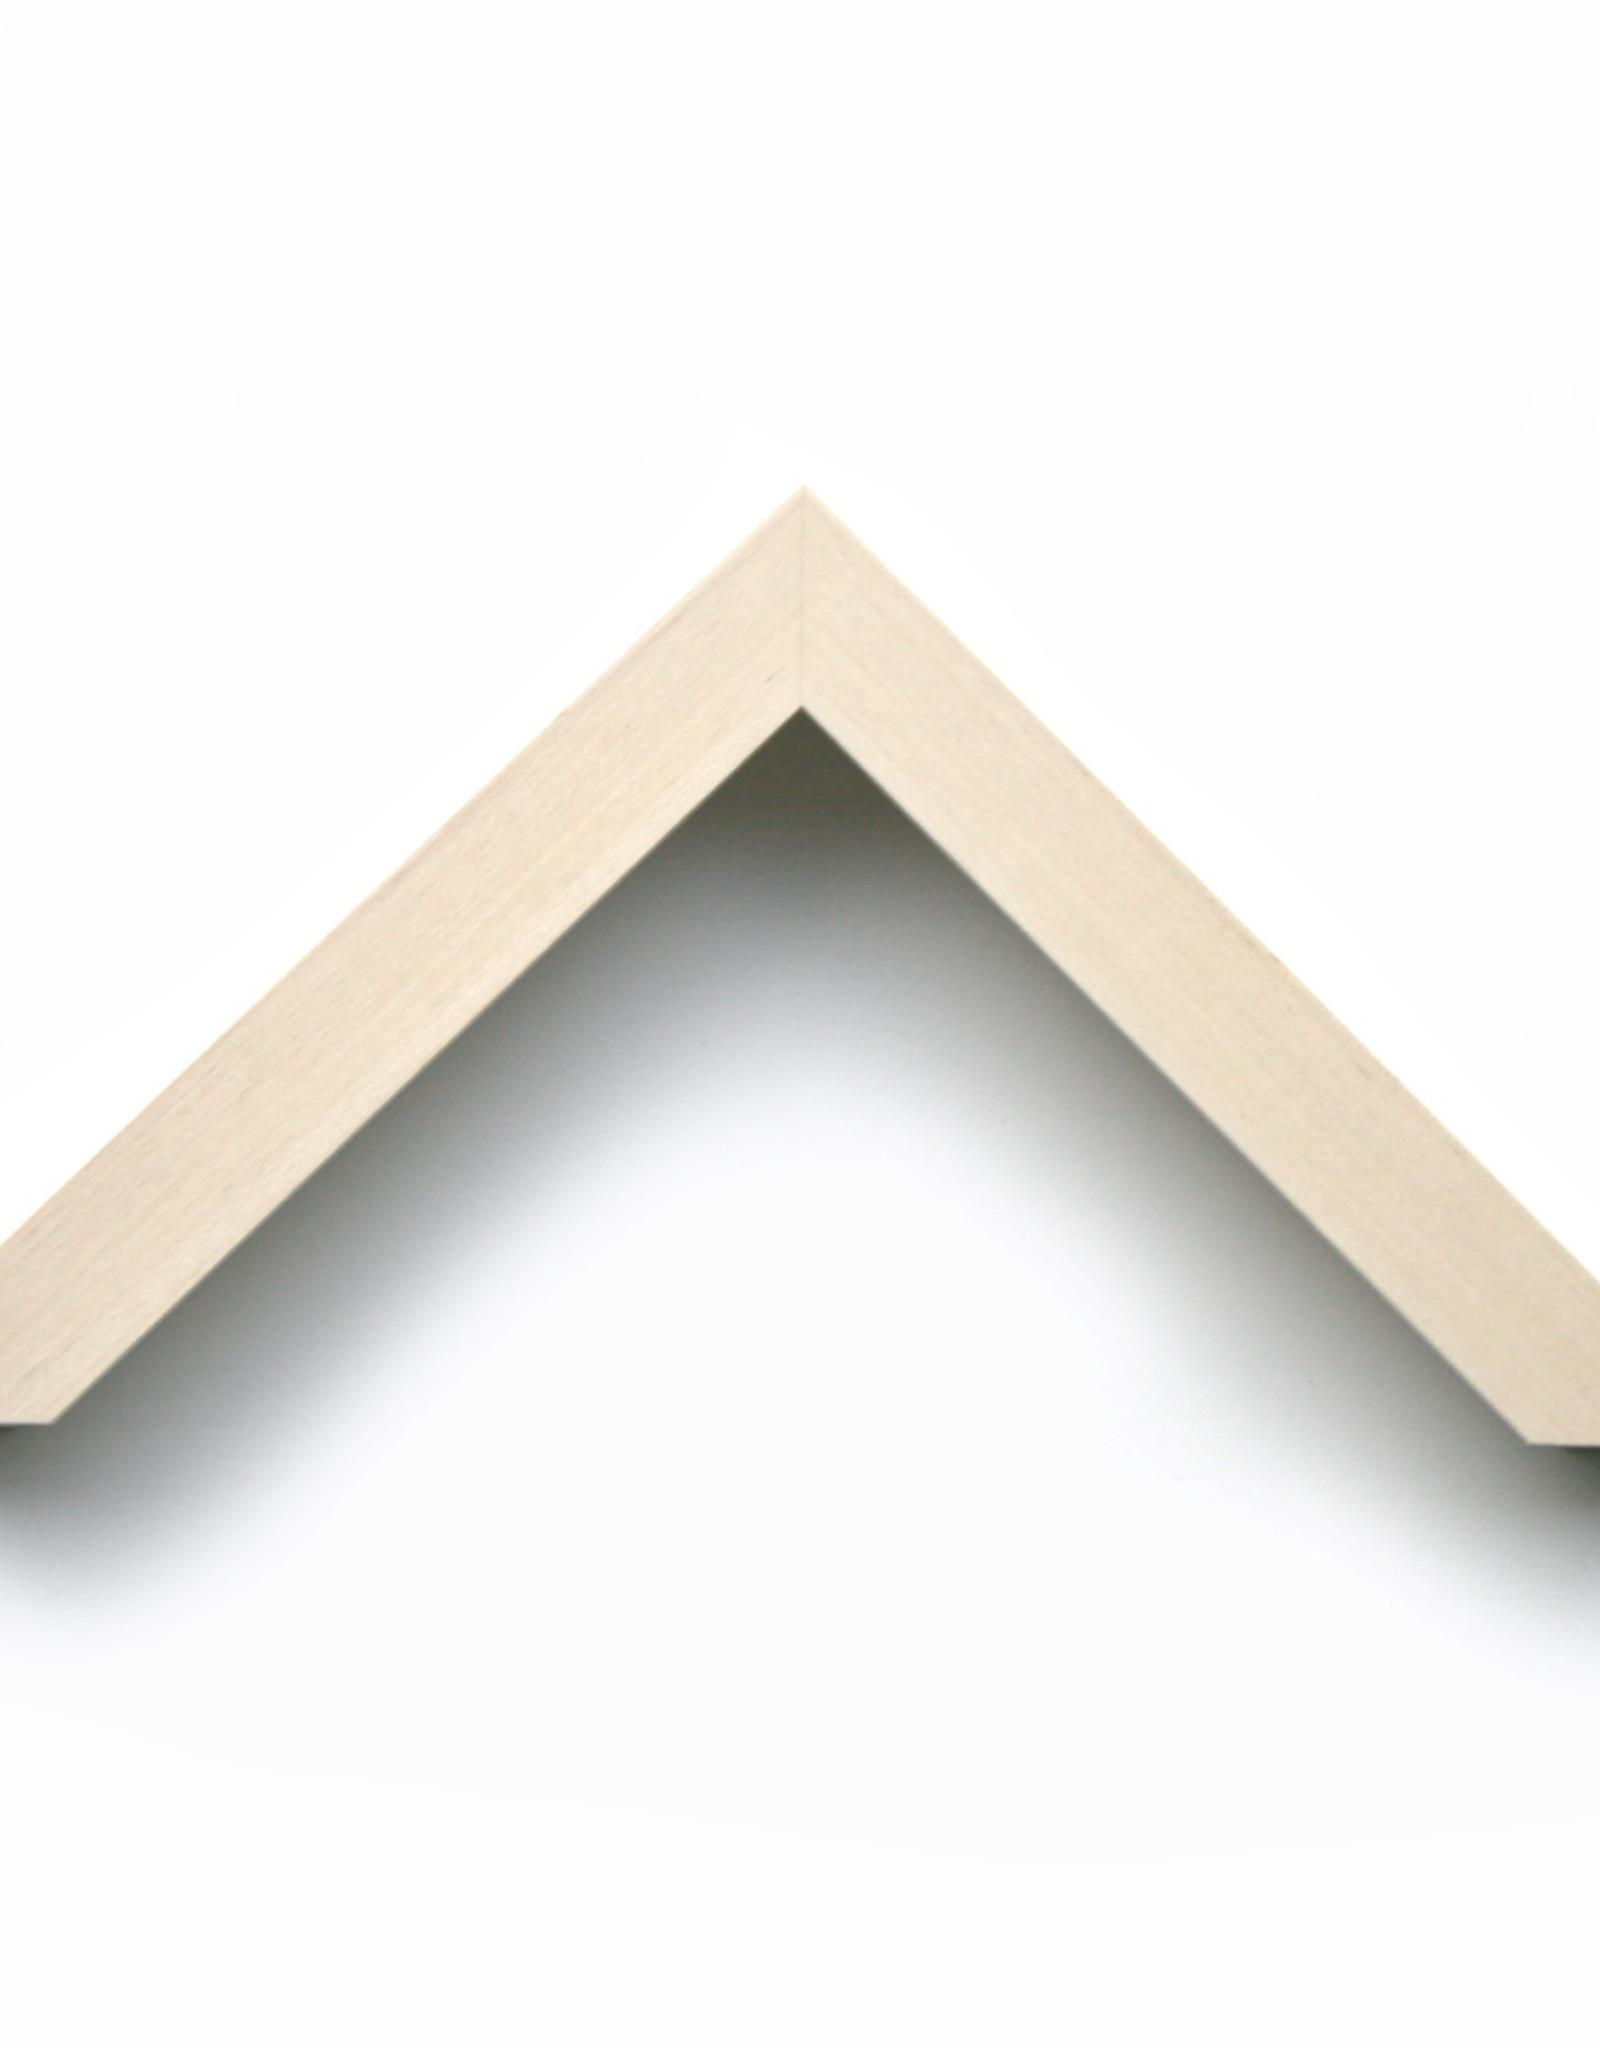 Barth¨ (Larson Juhl) Wissellijst 70x70 Barth profiel 18x28mm(210)